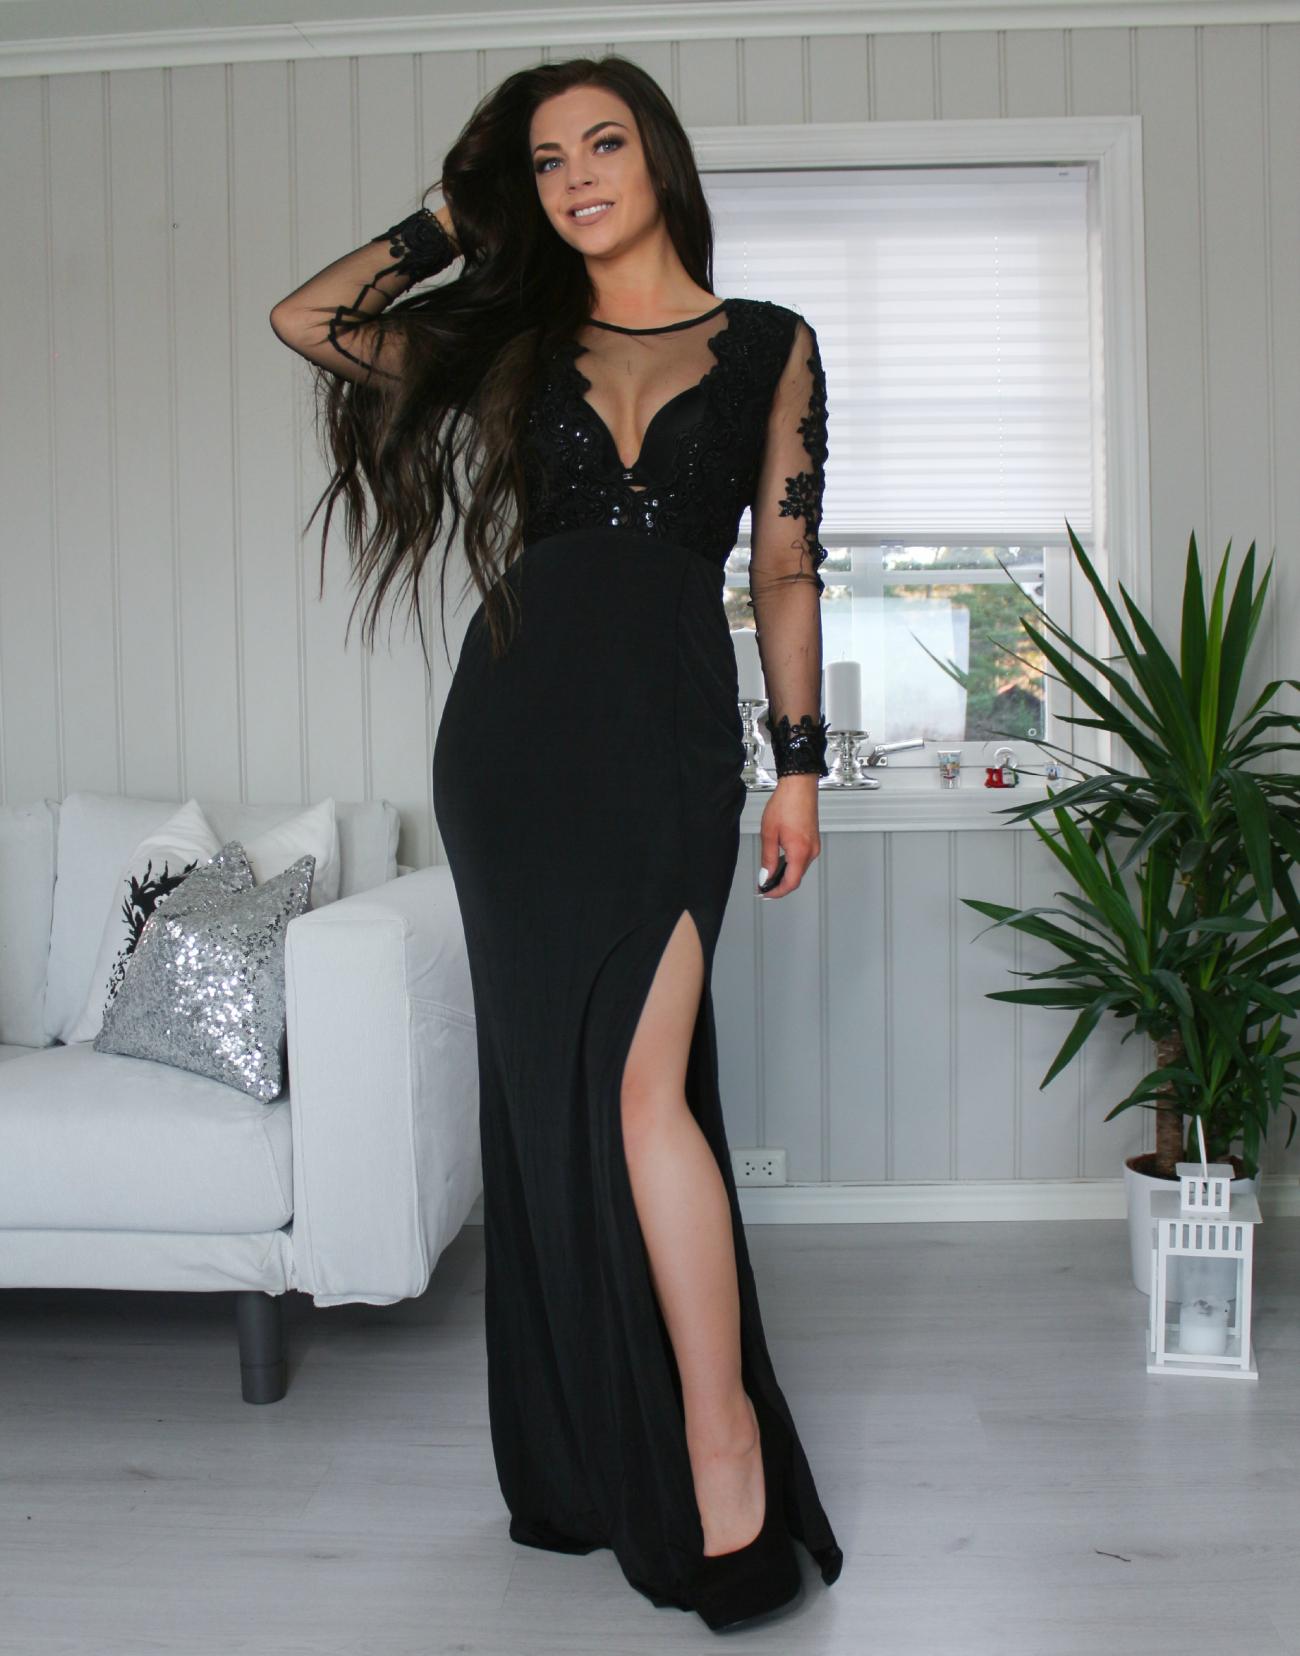 nelly kjoler blogg 2015